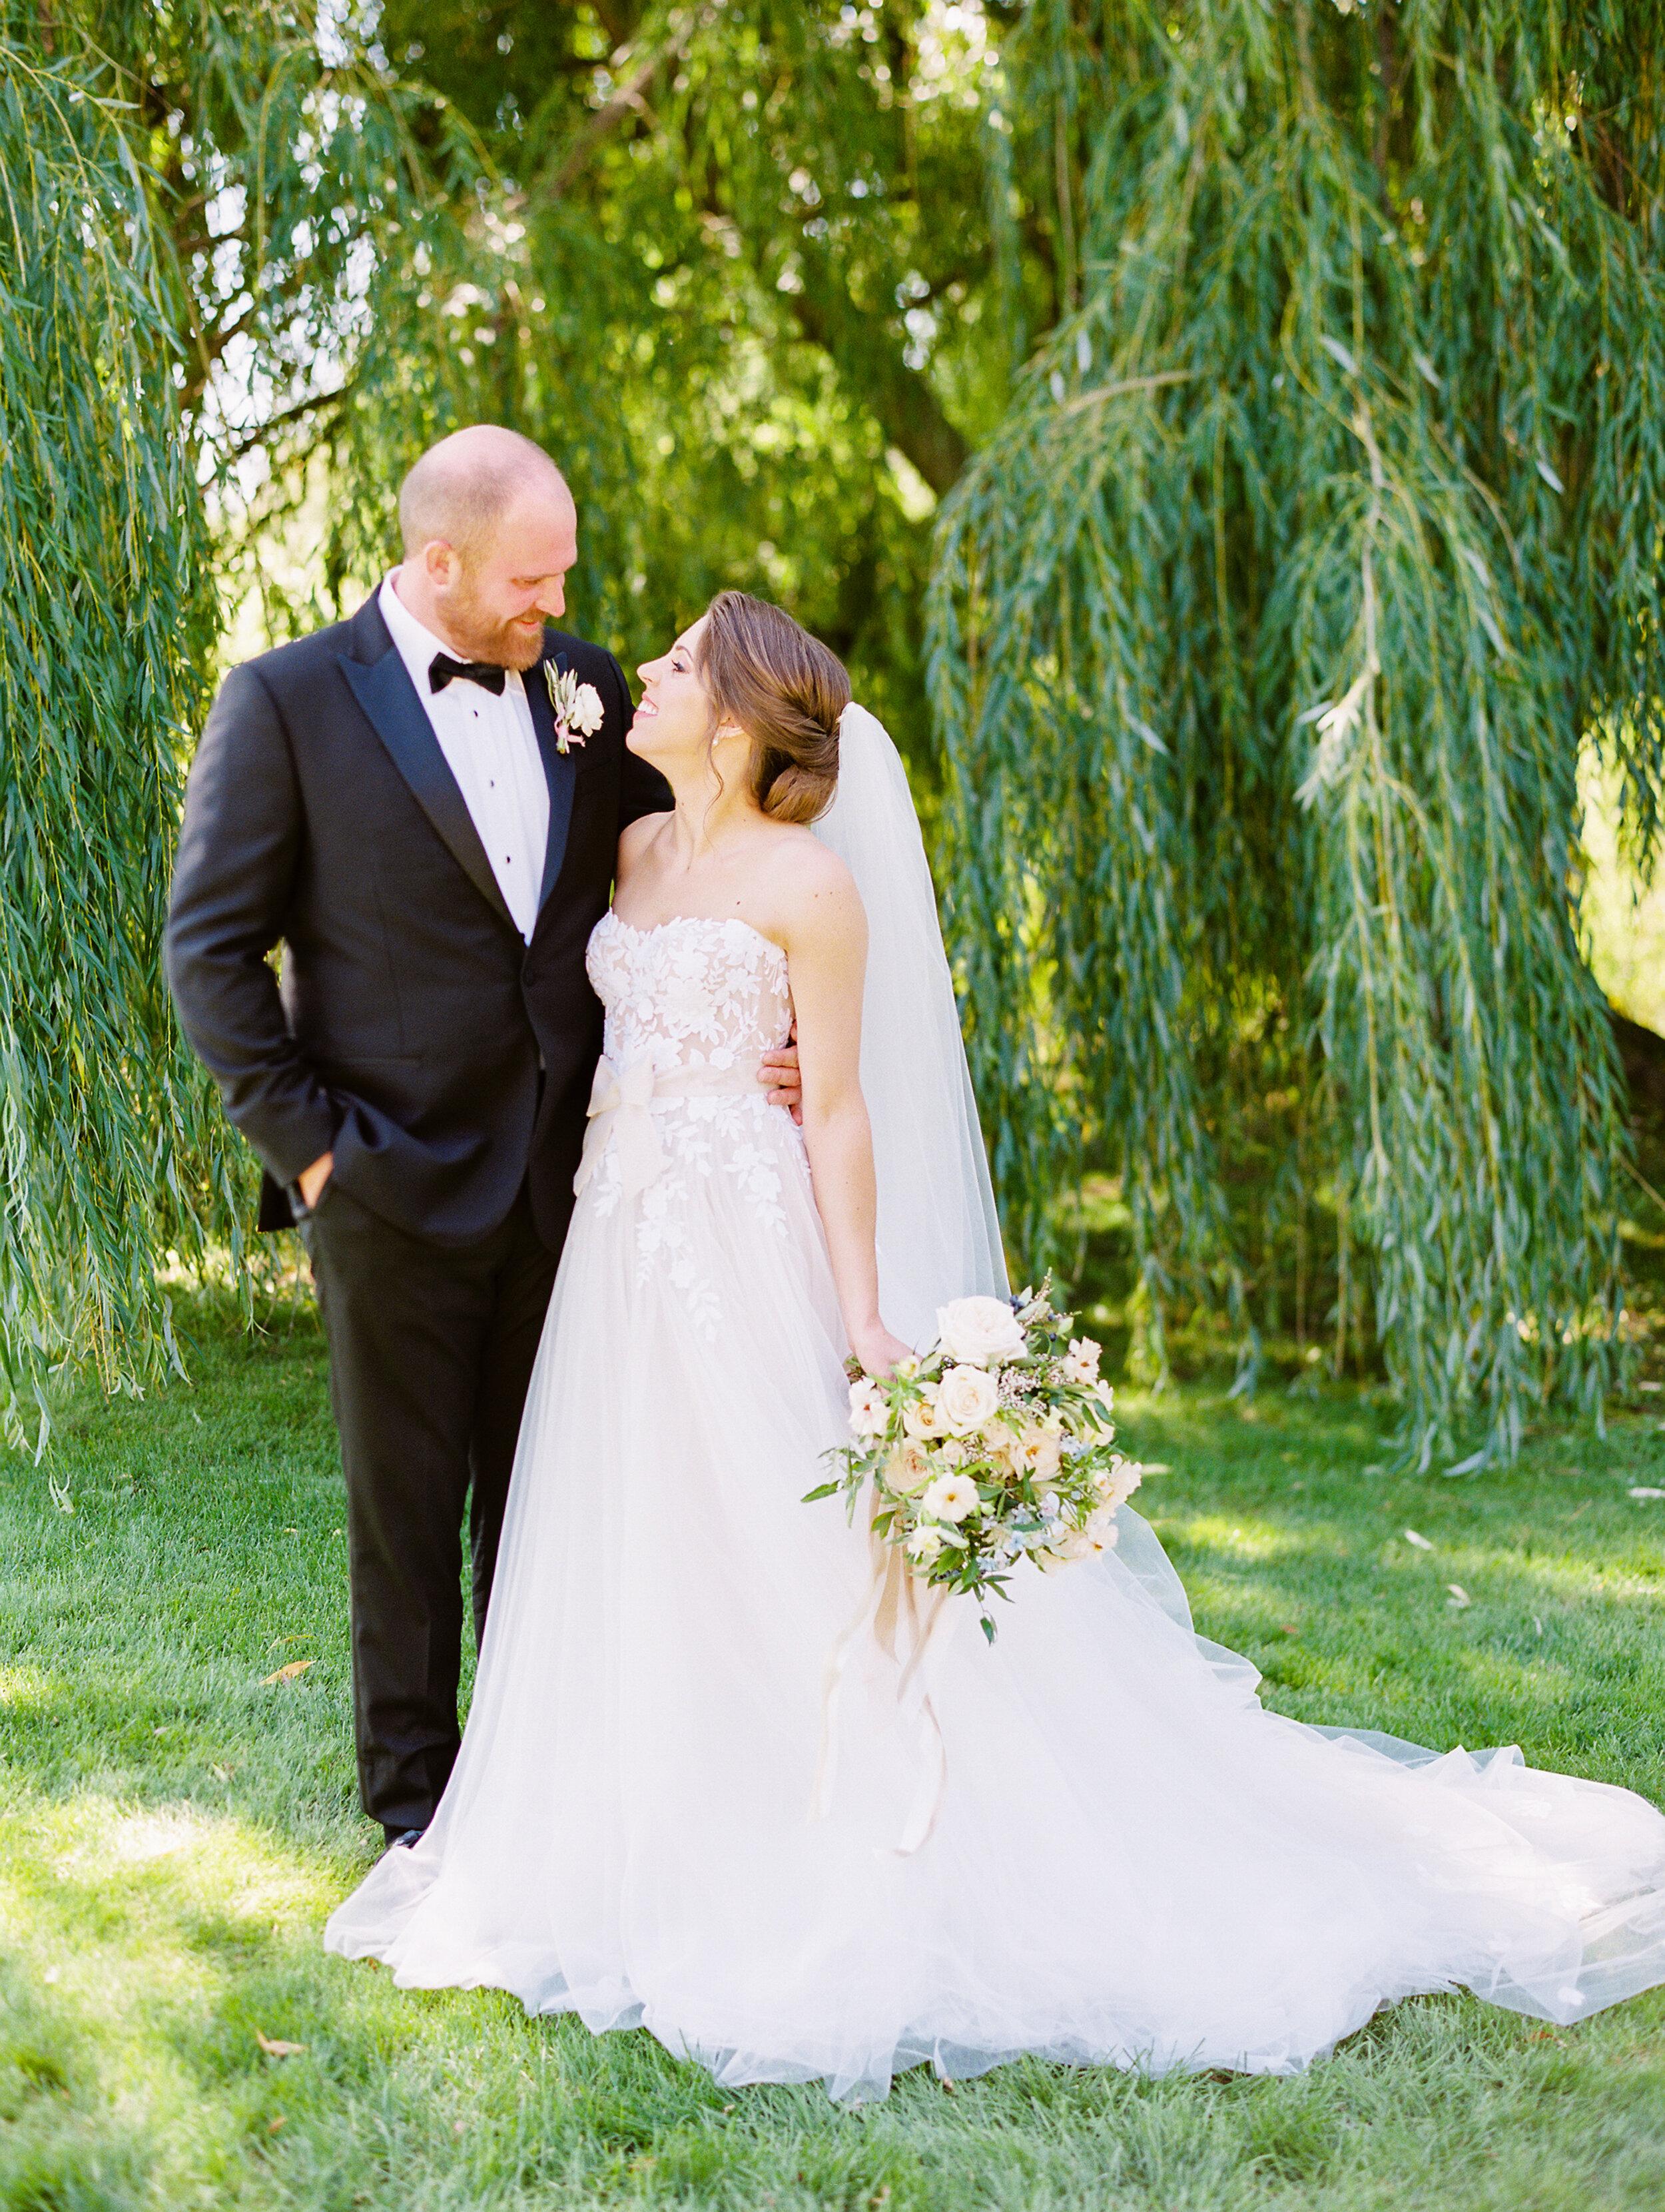 Steinlage+Wedding+First+Look-41.jpg